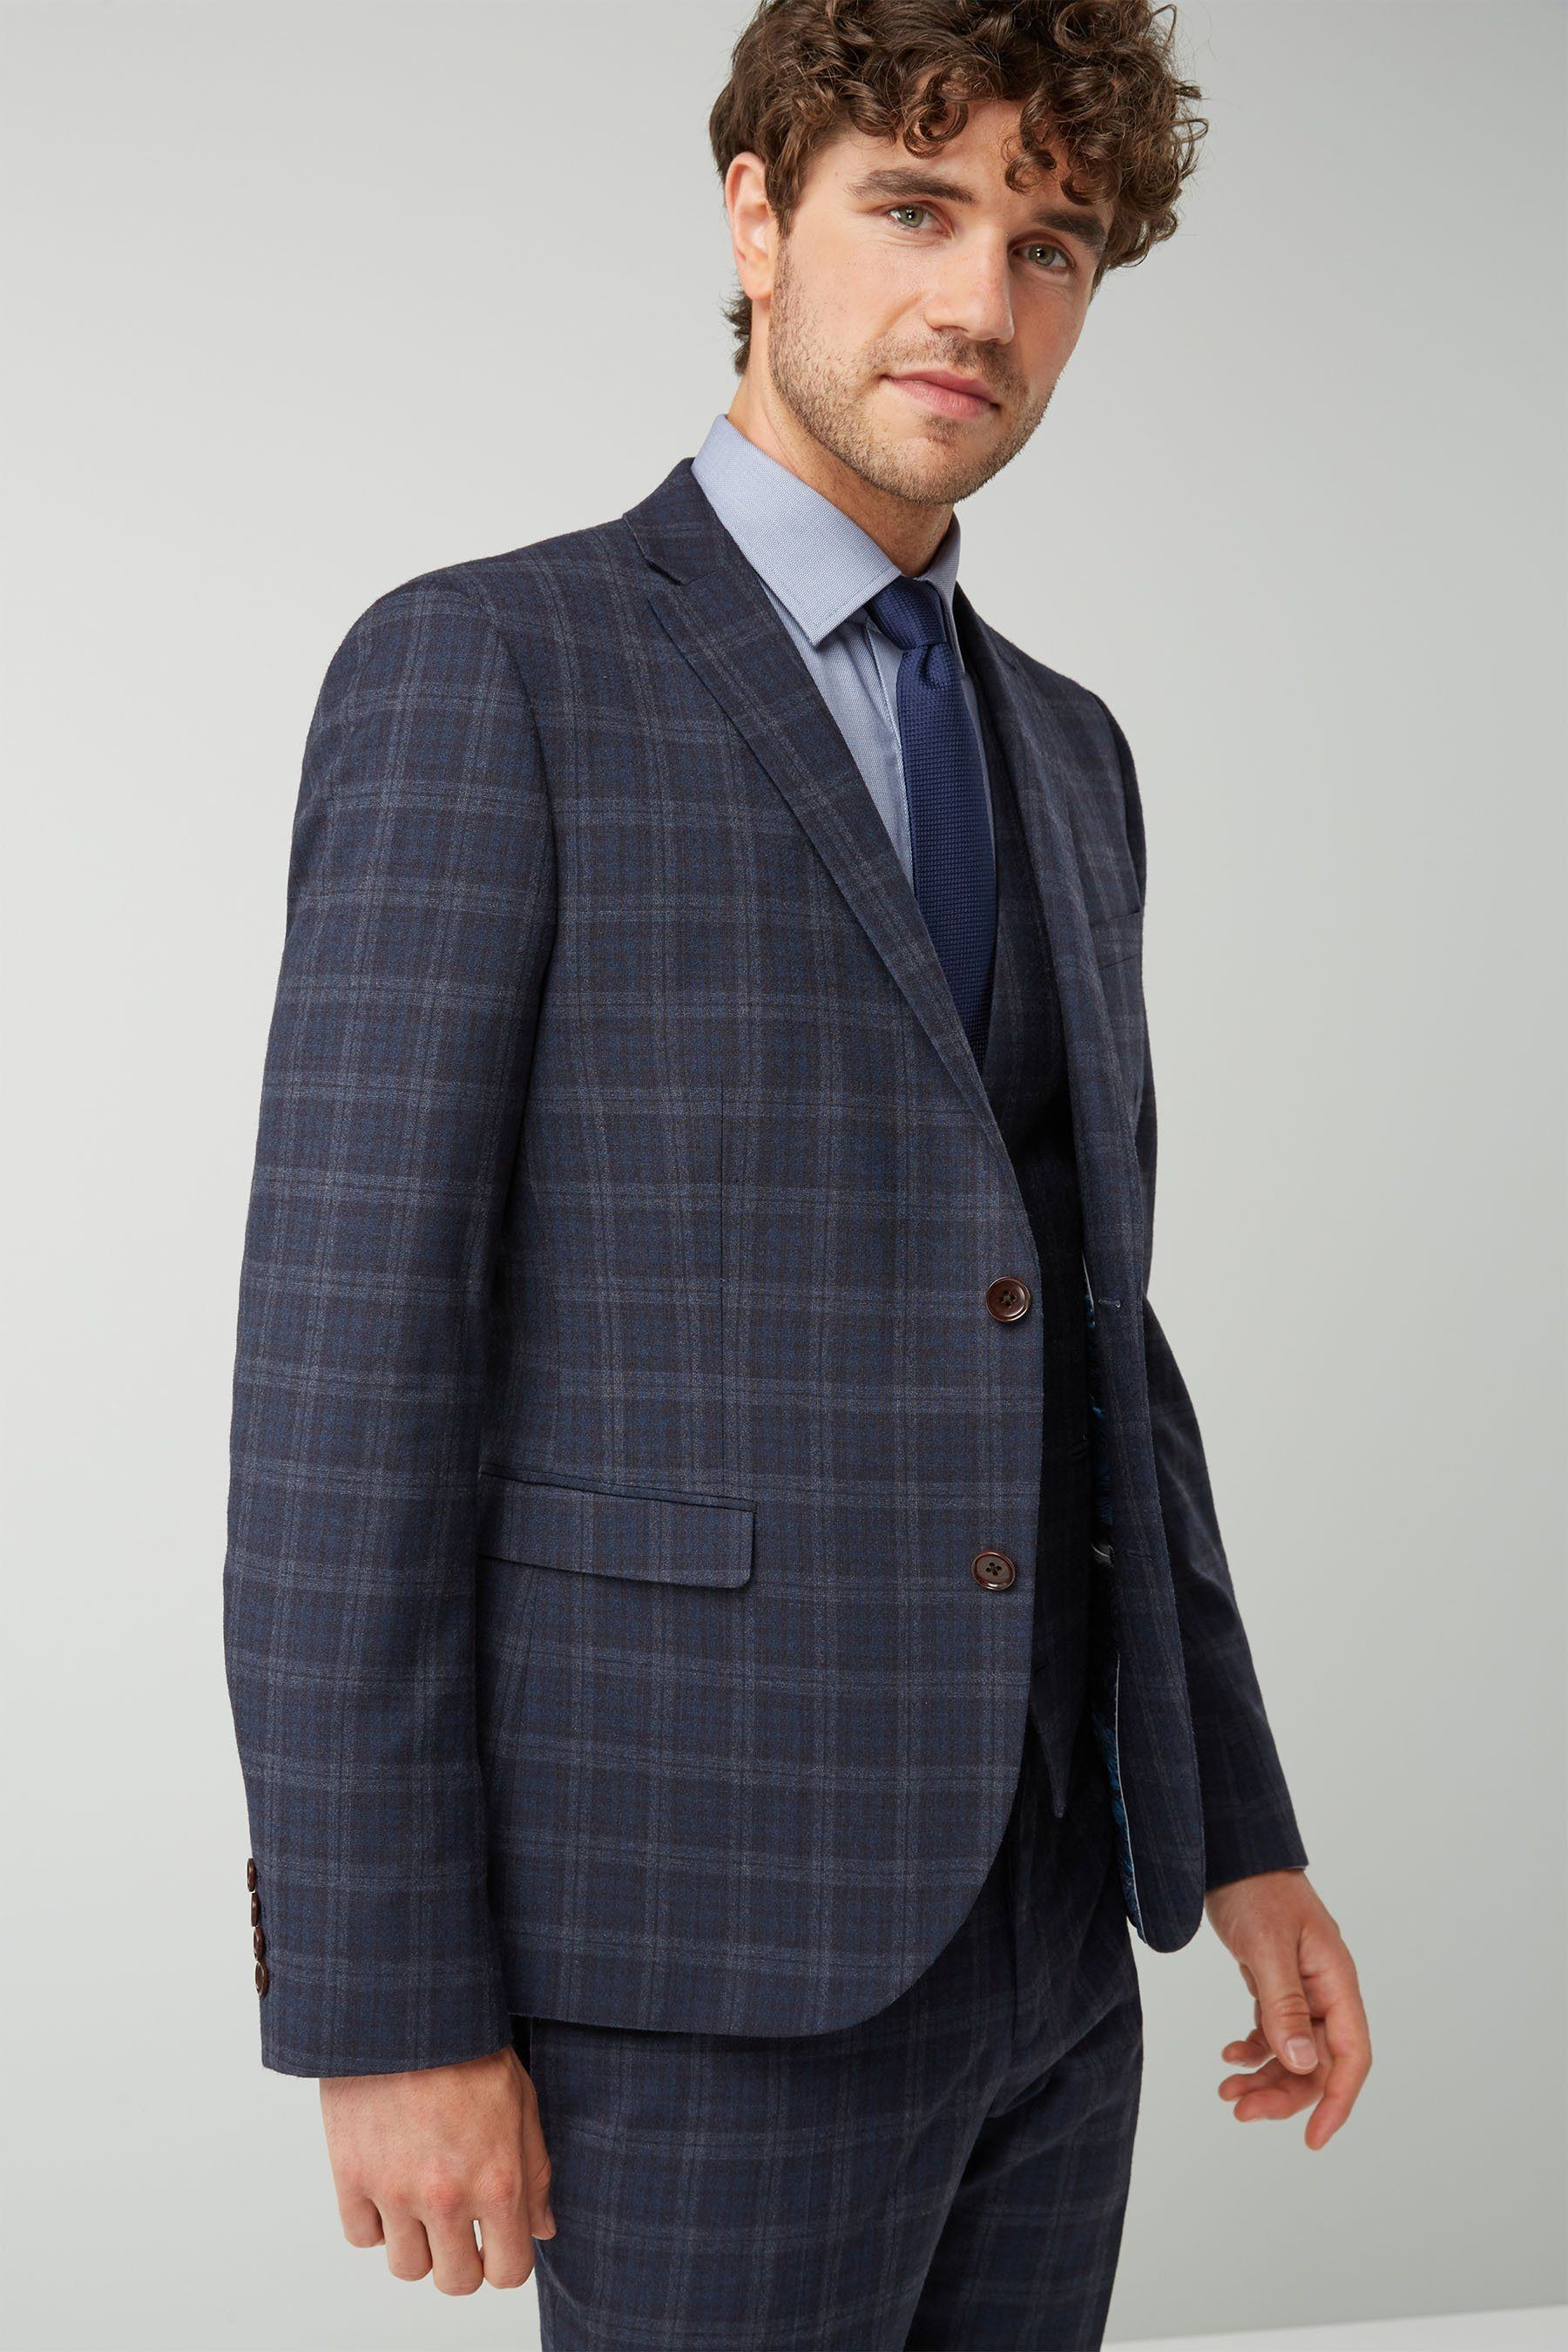 Next Tollegno Anzug mit Karomuster: Sakko Jetzt bestellen